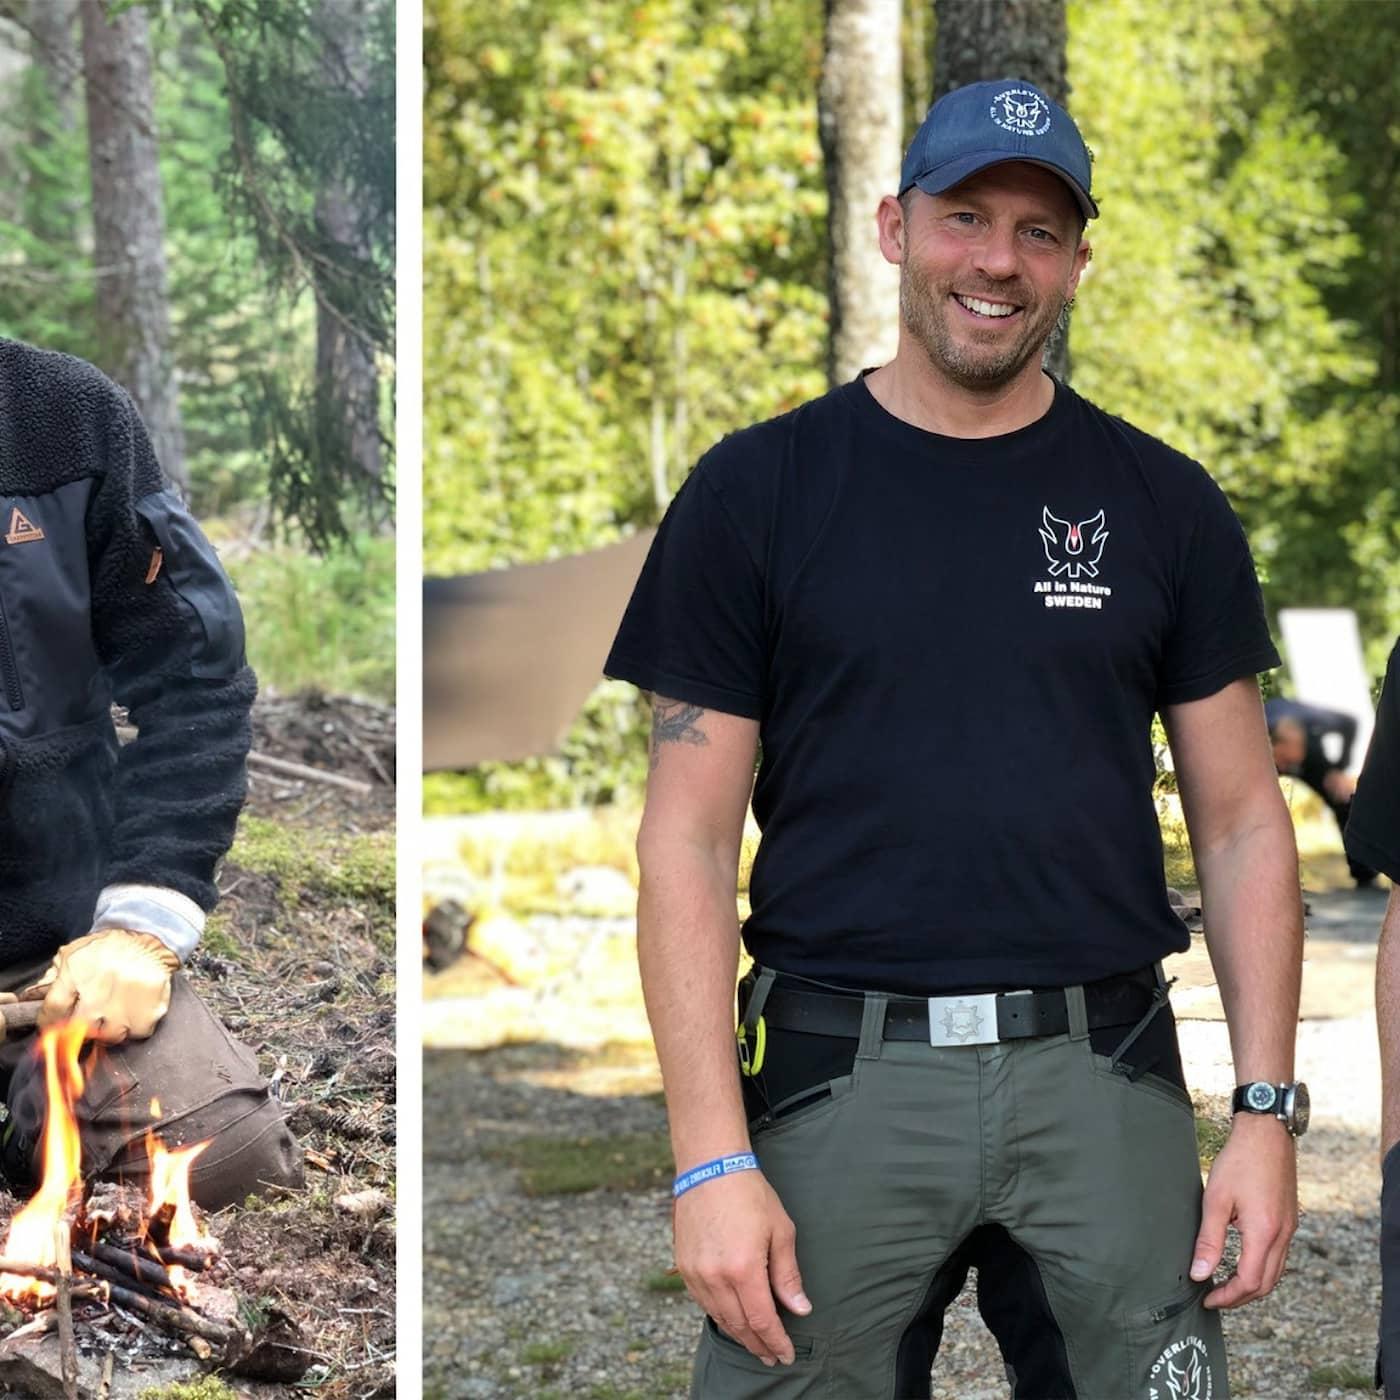 Om utrustning, eld och första hjälpen i naturen